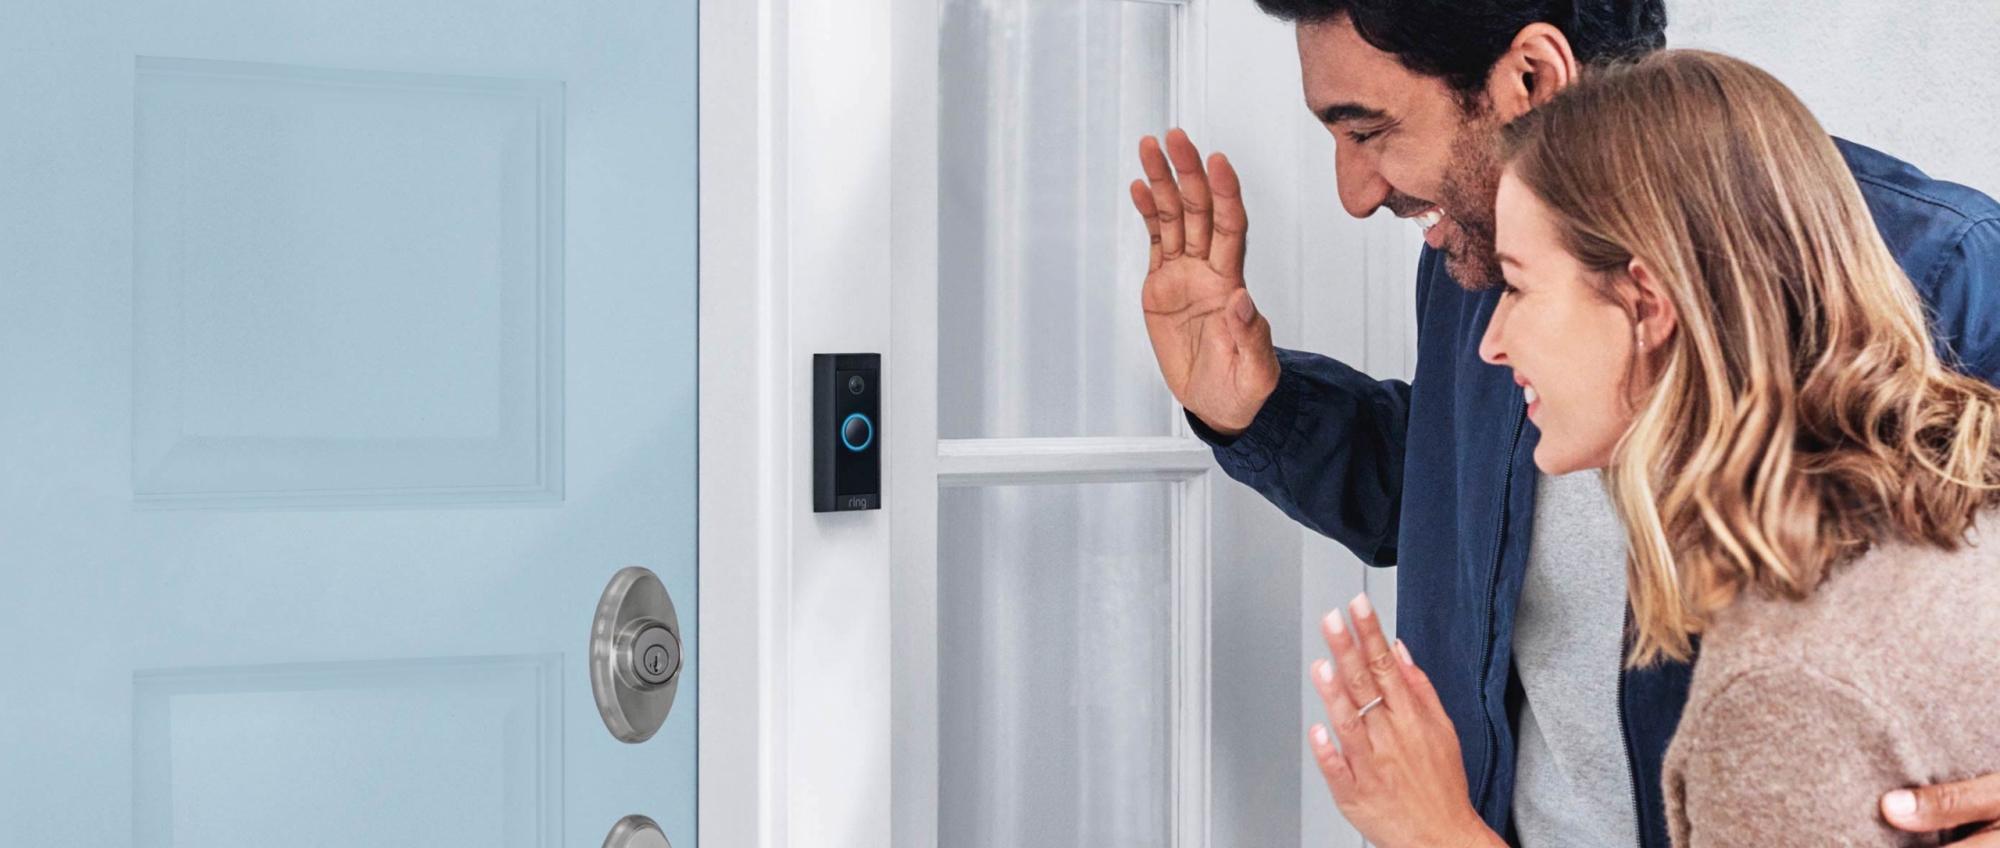 Ring Video Doorbell Hero Wired